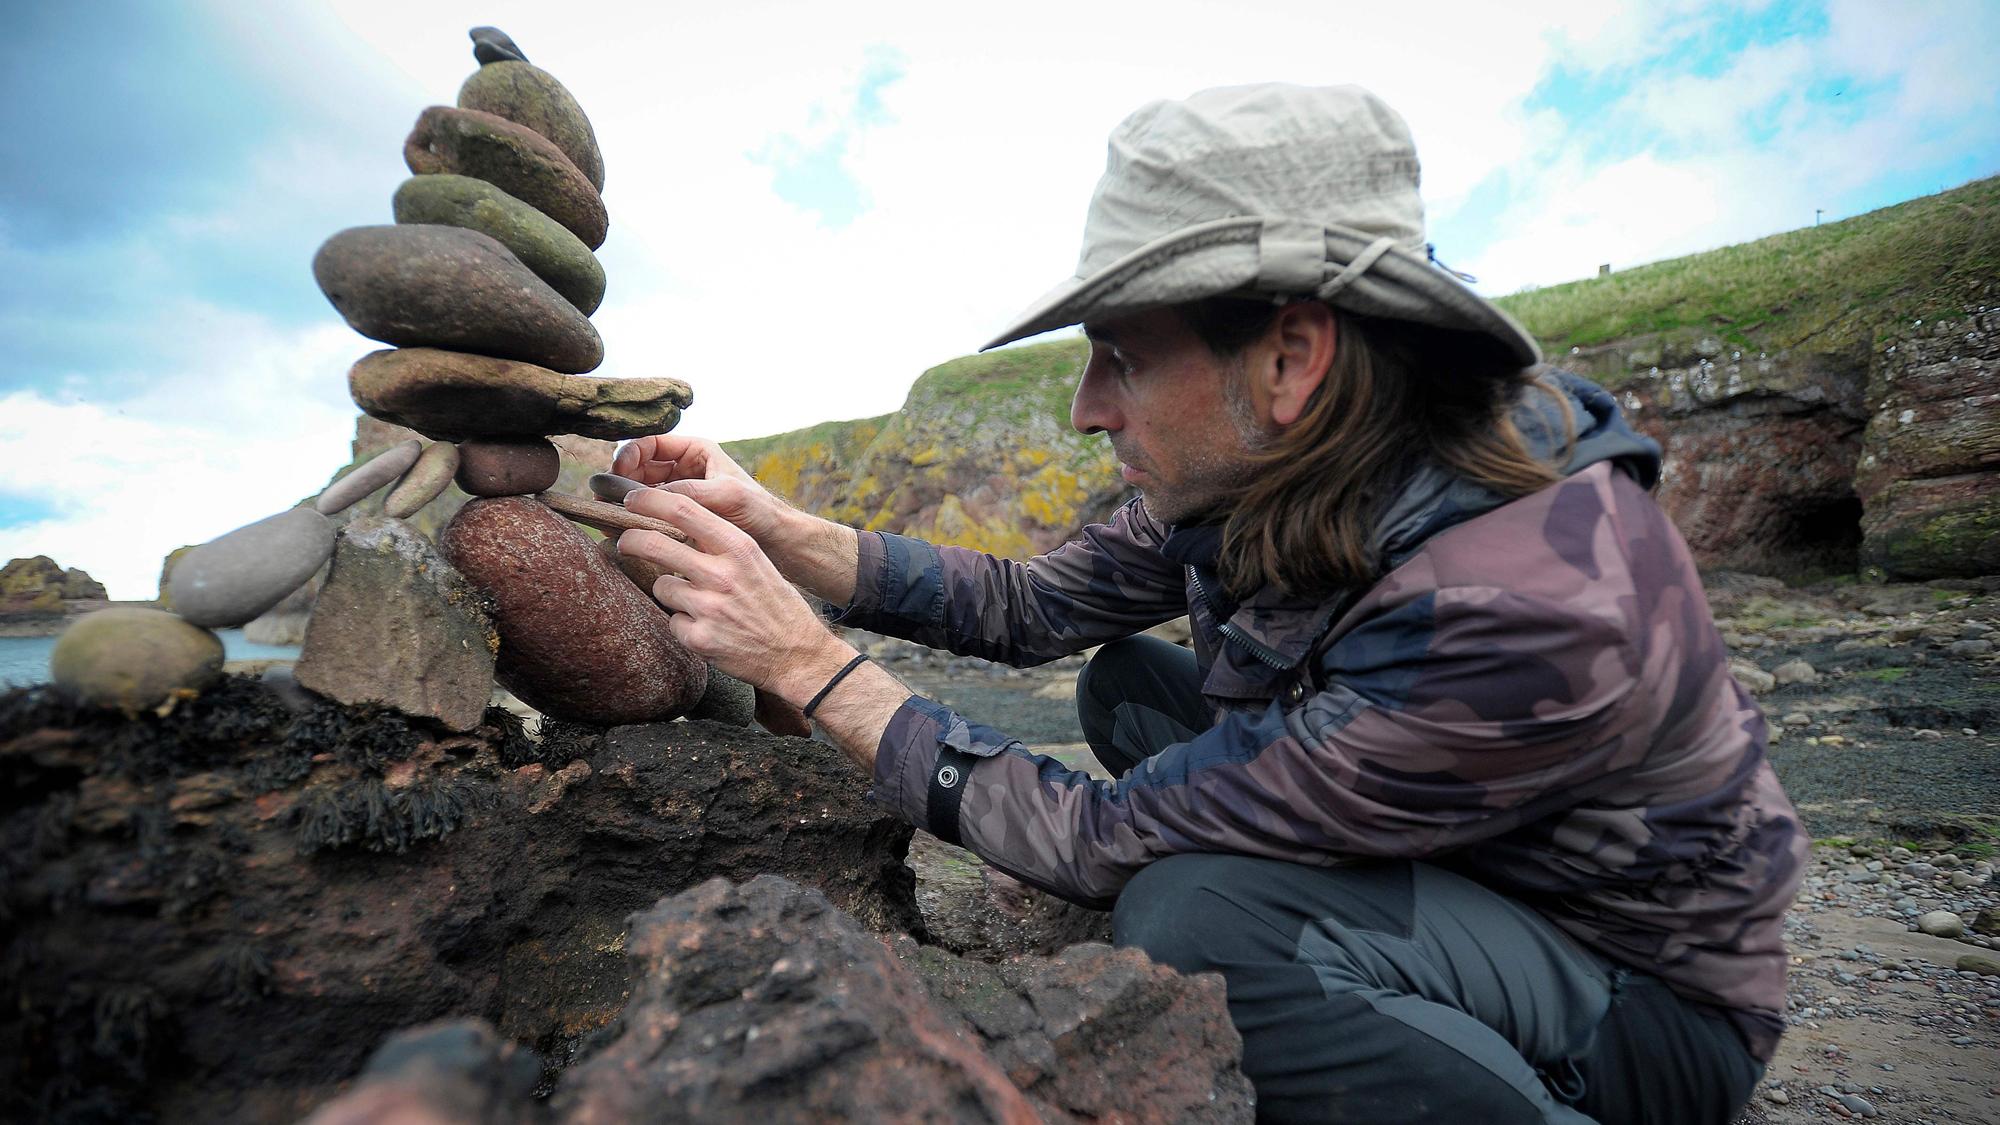 El arte de Pedro Durán y el 'Stone Balance': esculpir con piedras en base sólo al equilibrio